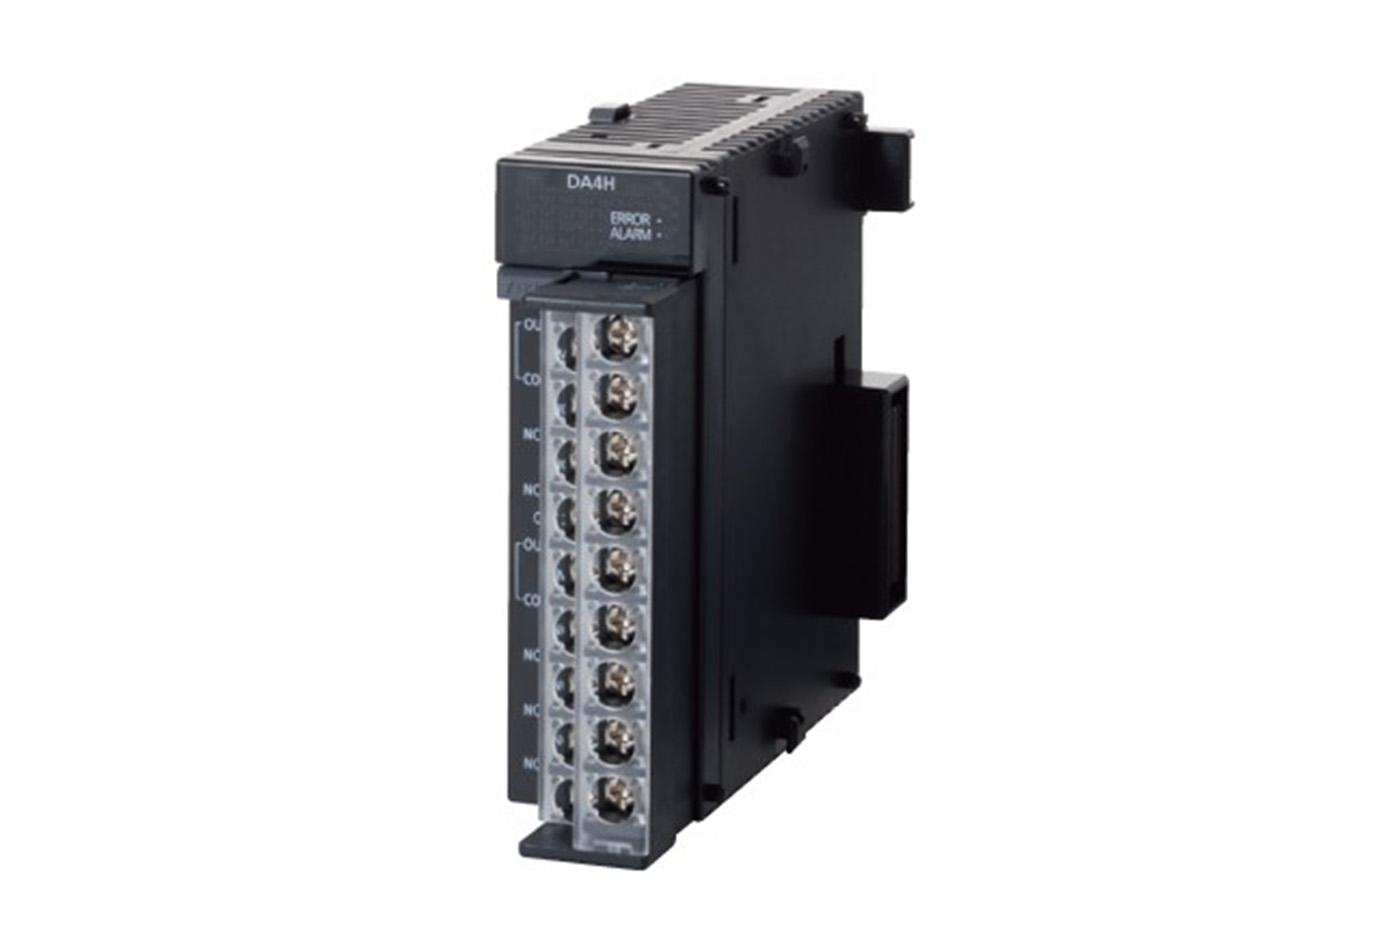 Entrada analógica (de alta velocidad y alta precisión), 4 canales, Voltaje / Corriente, Resolución: máx. 16 bits.